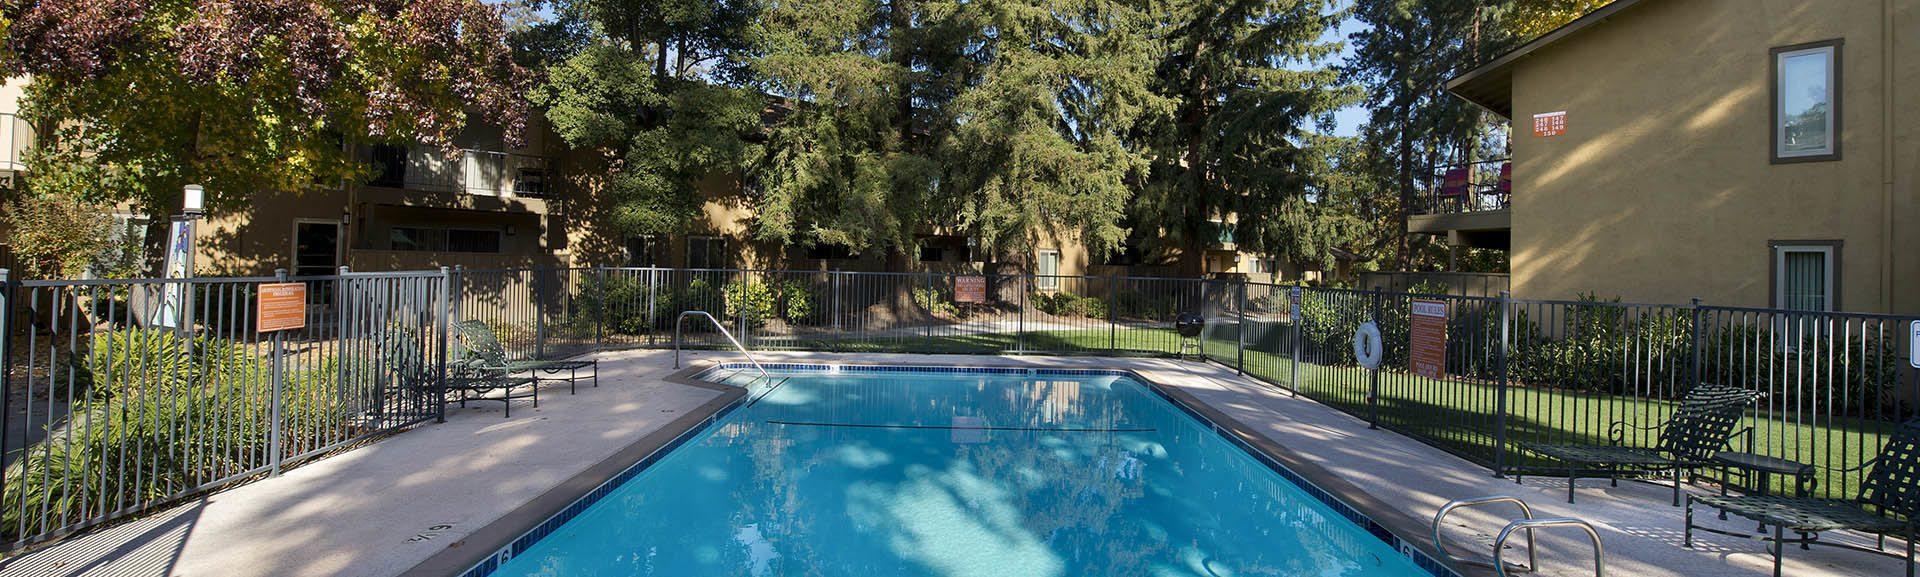 Apply online for your luxury apartment at Flora Condominium Rentals